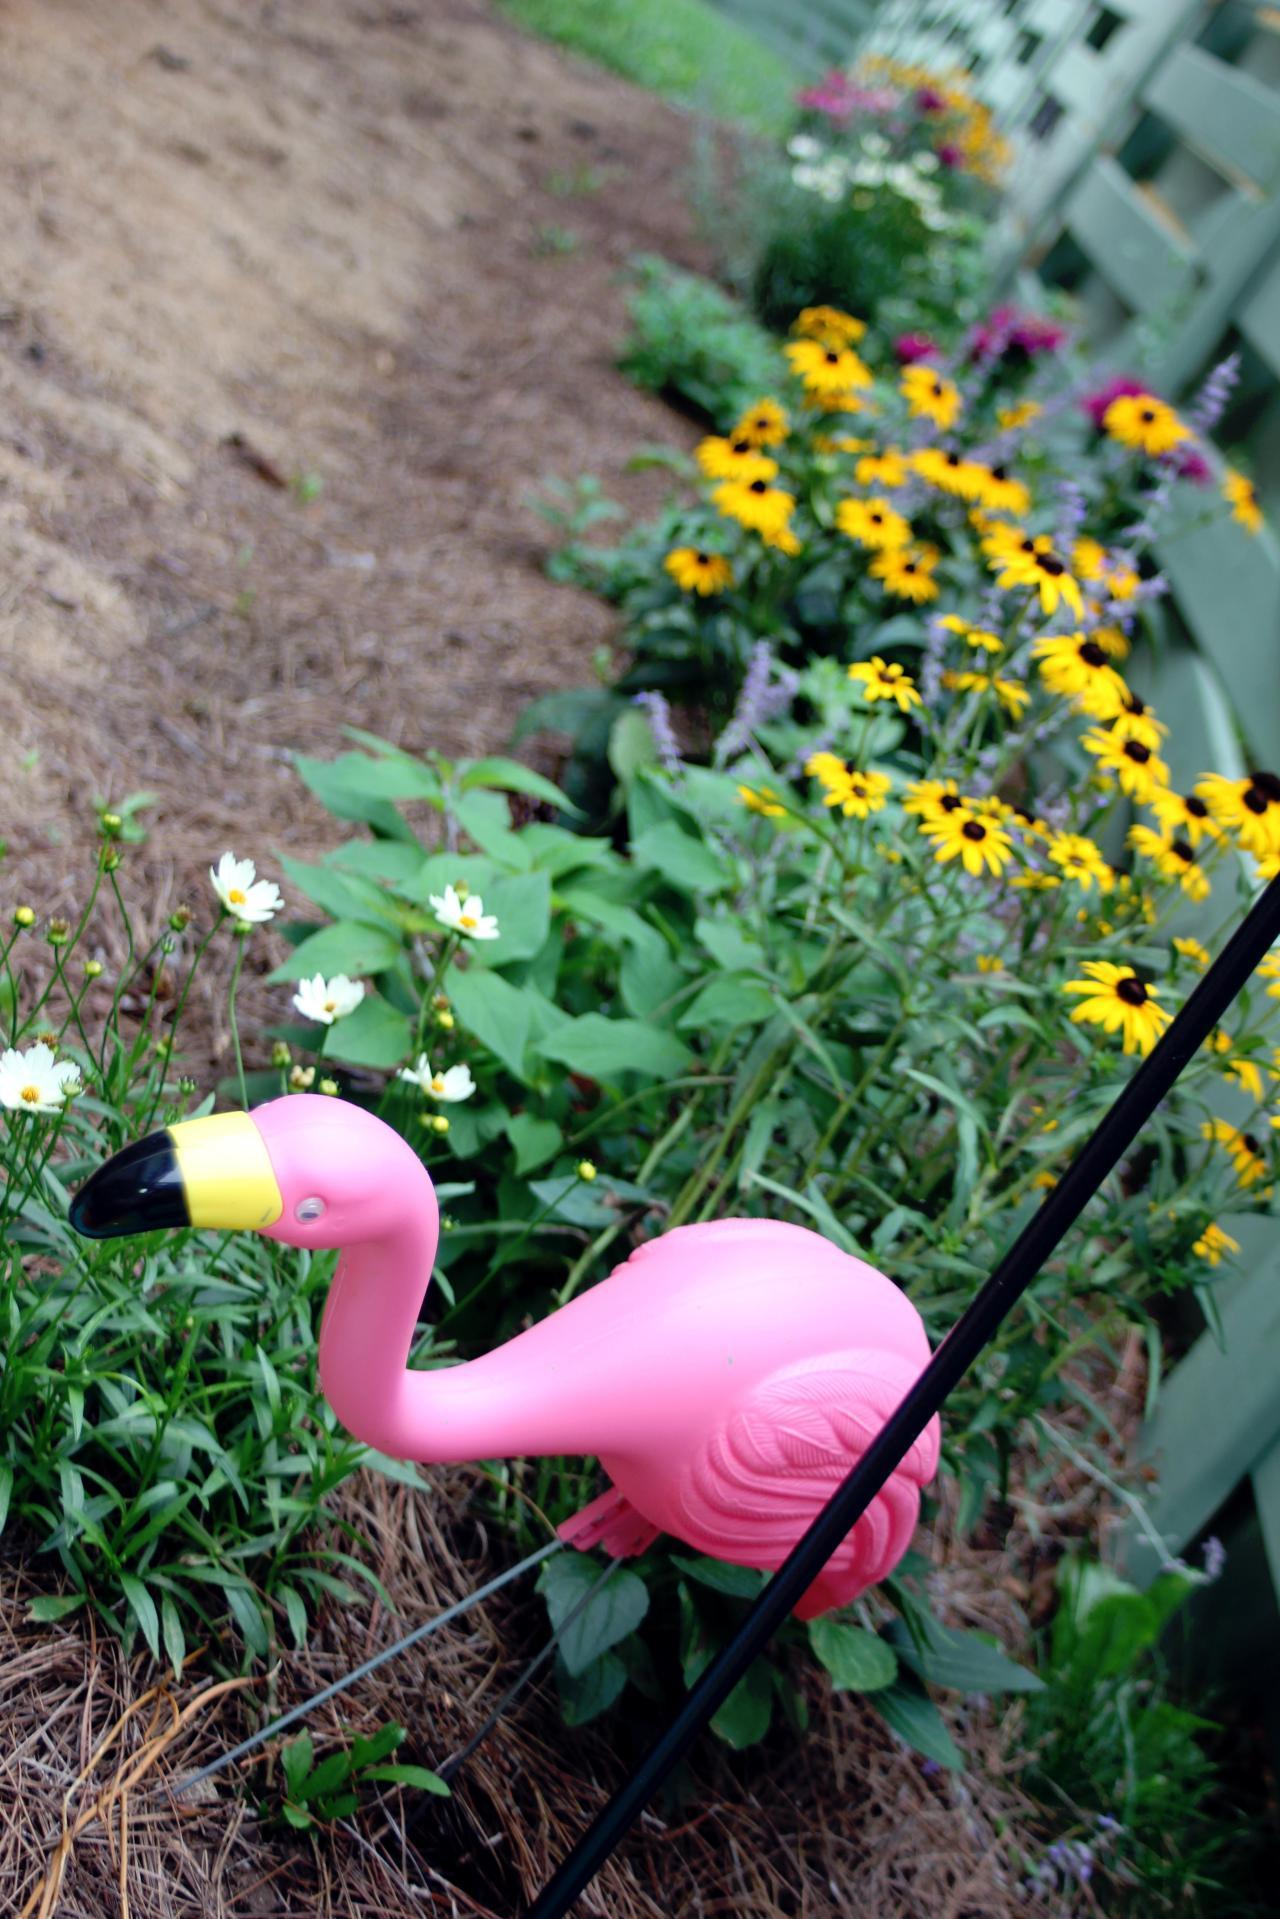 Of course, I had to add a fun yard flamingo *wink*